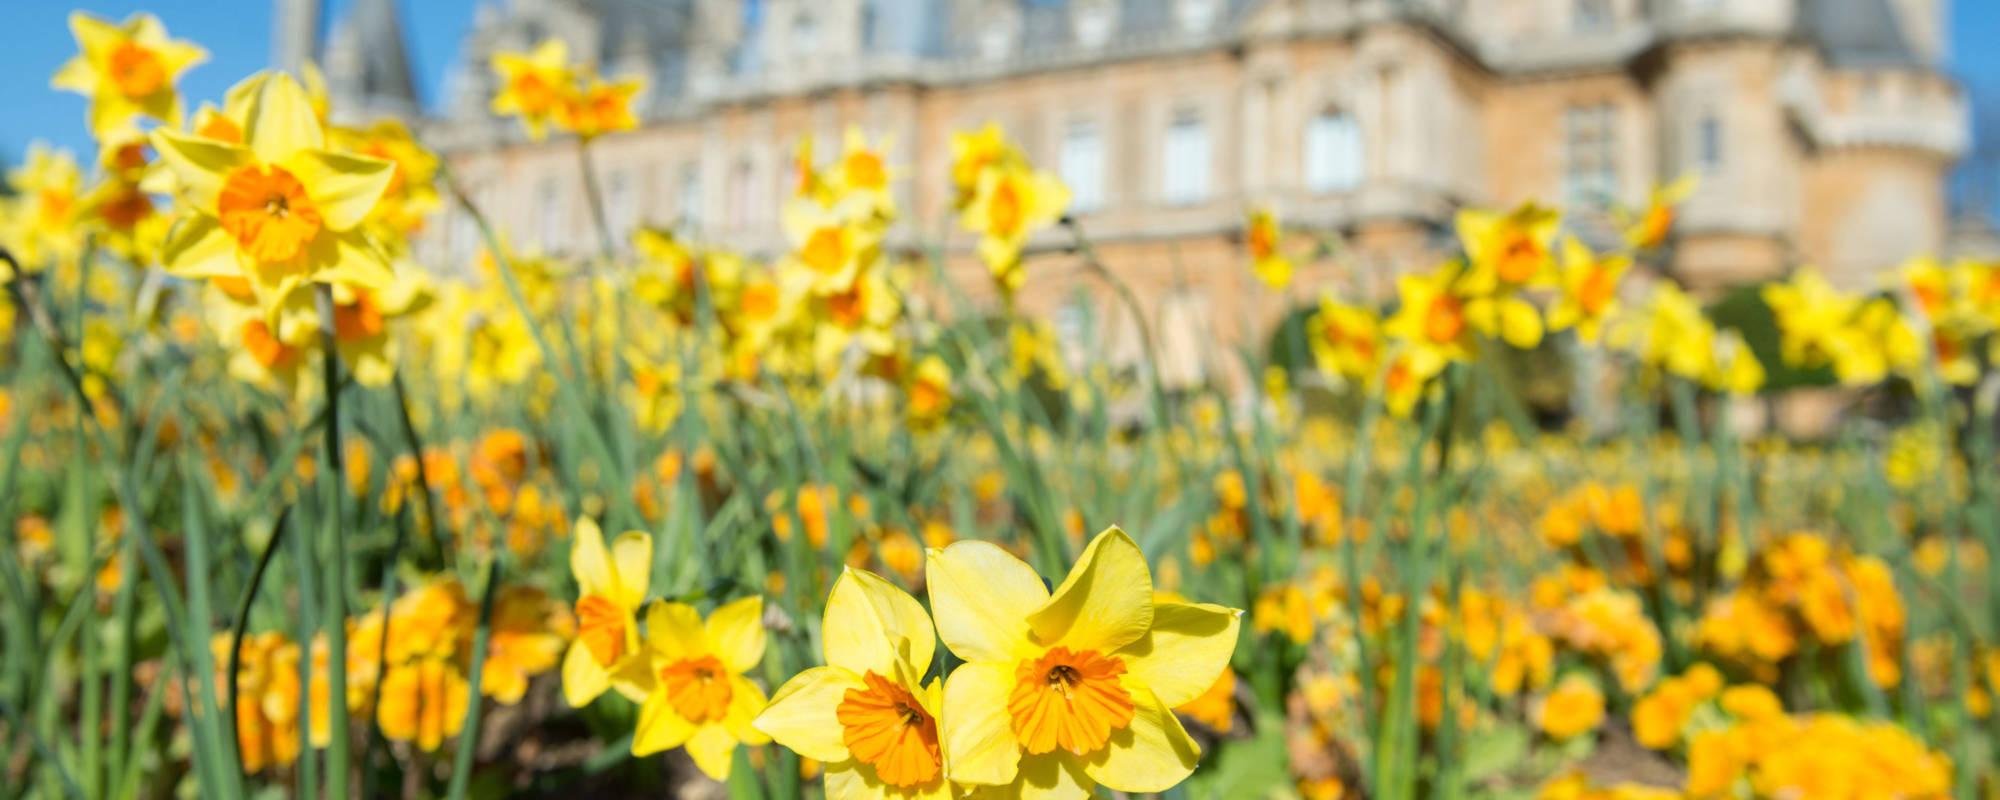 Daffodils at Waddesdon Manor